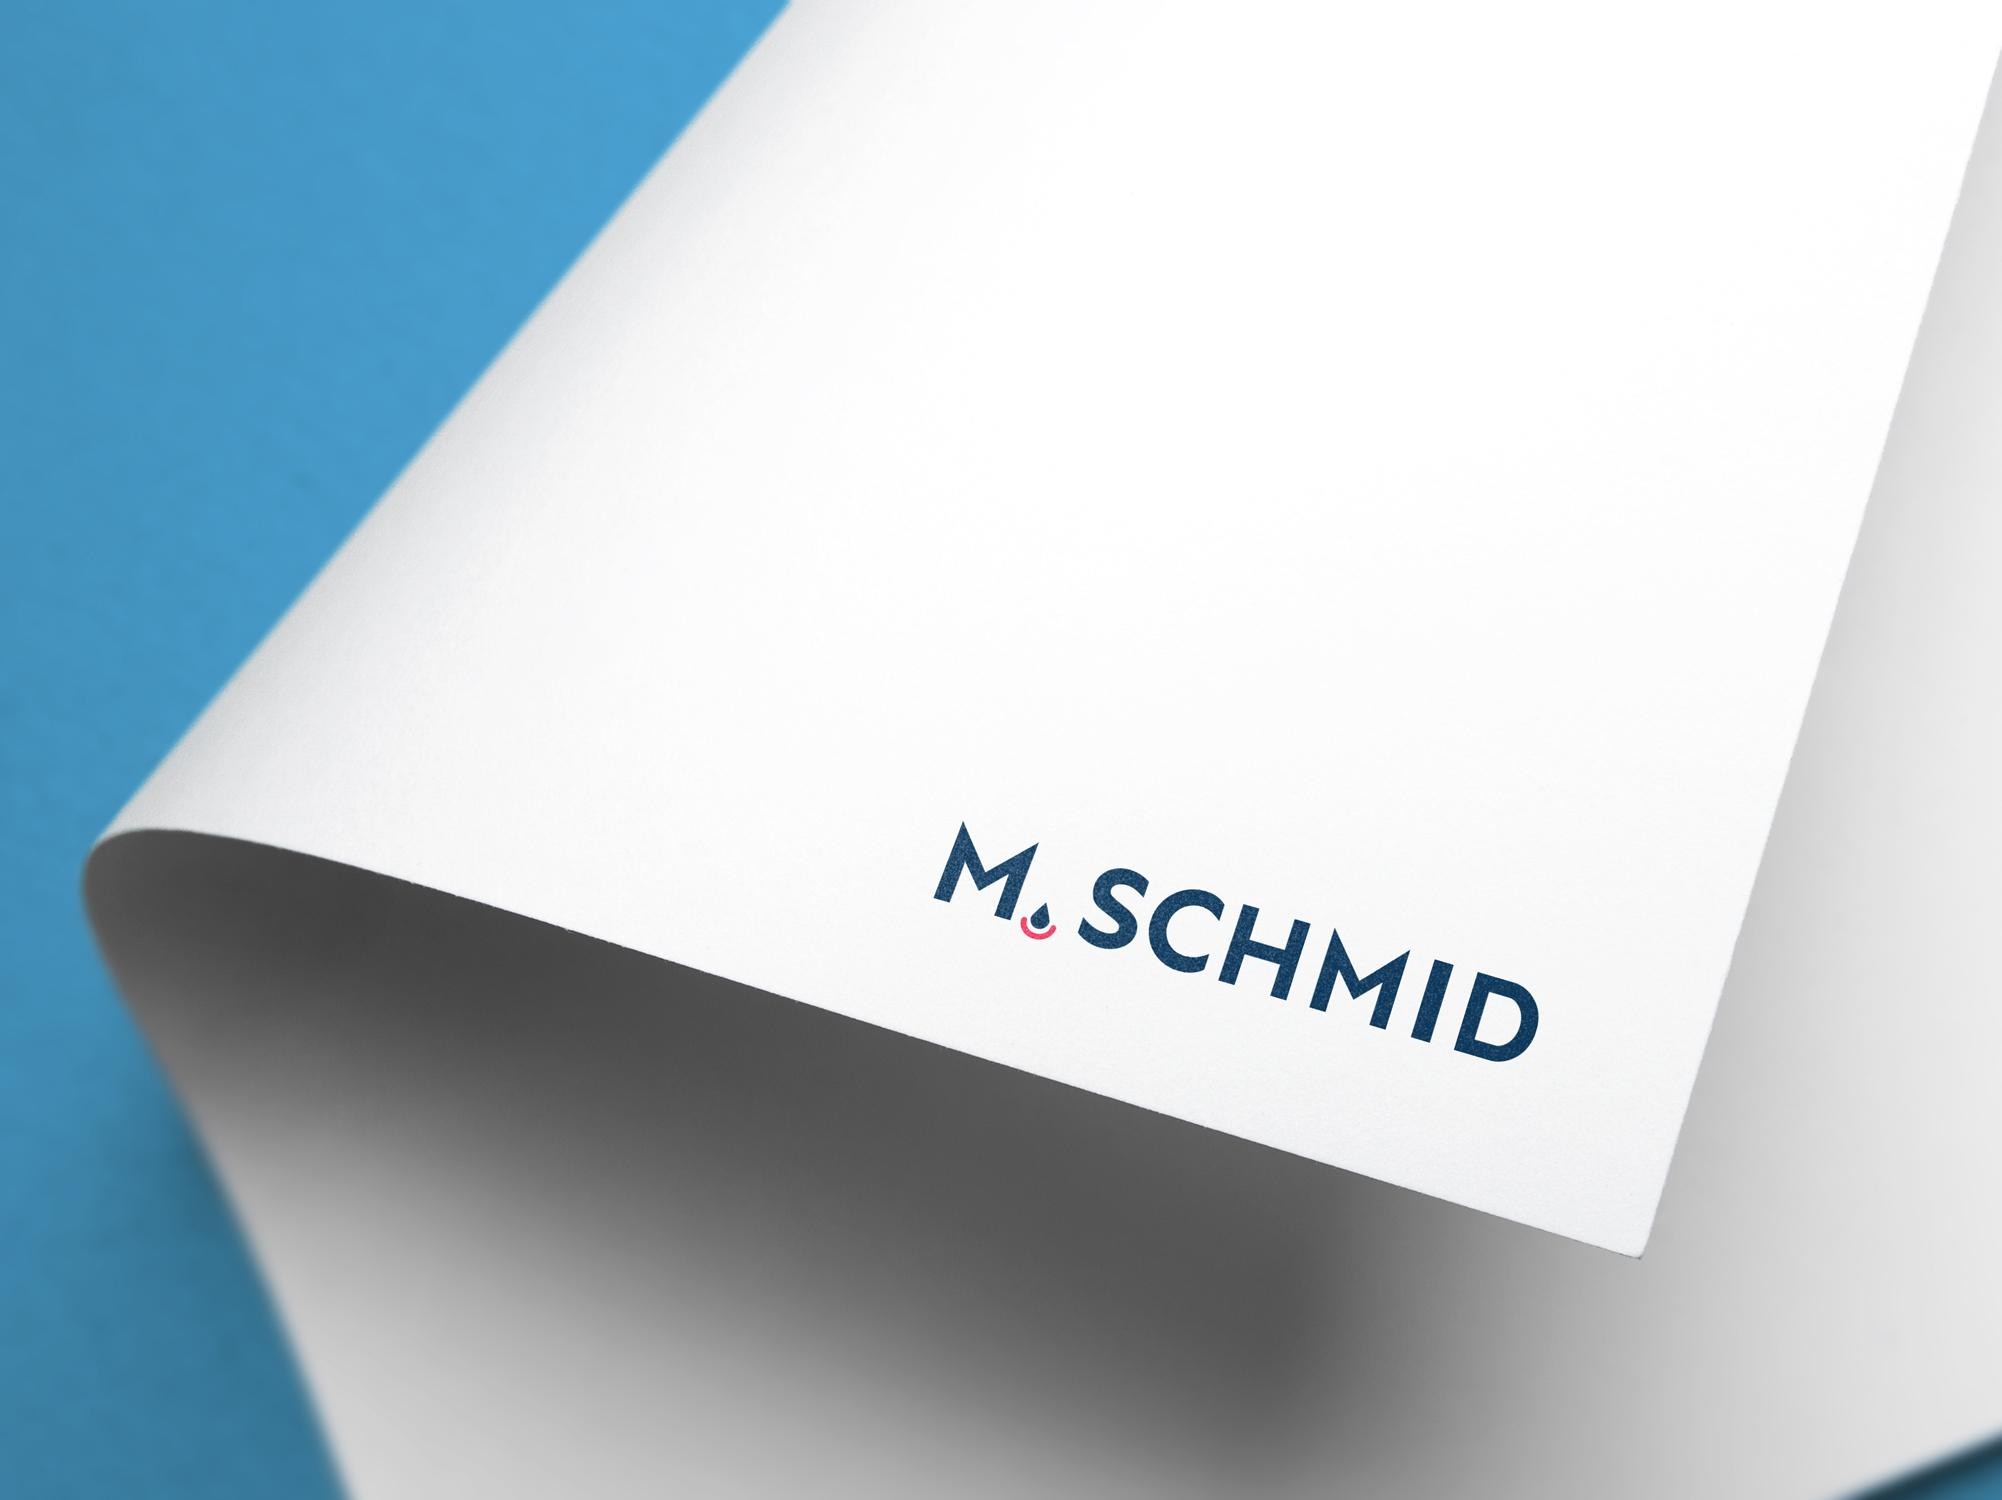 logo_m.schmid_vorsorge_blue-background